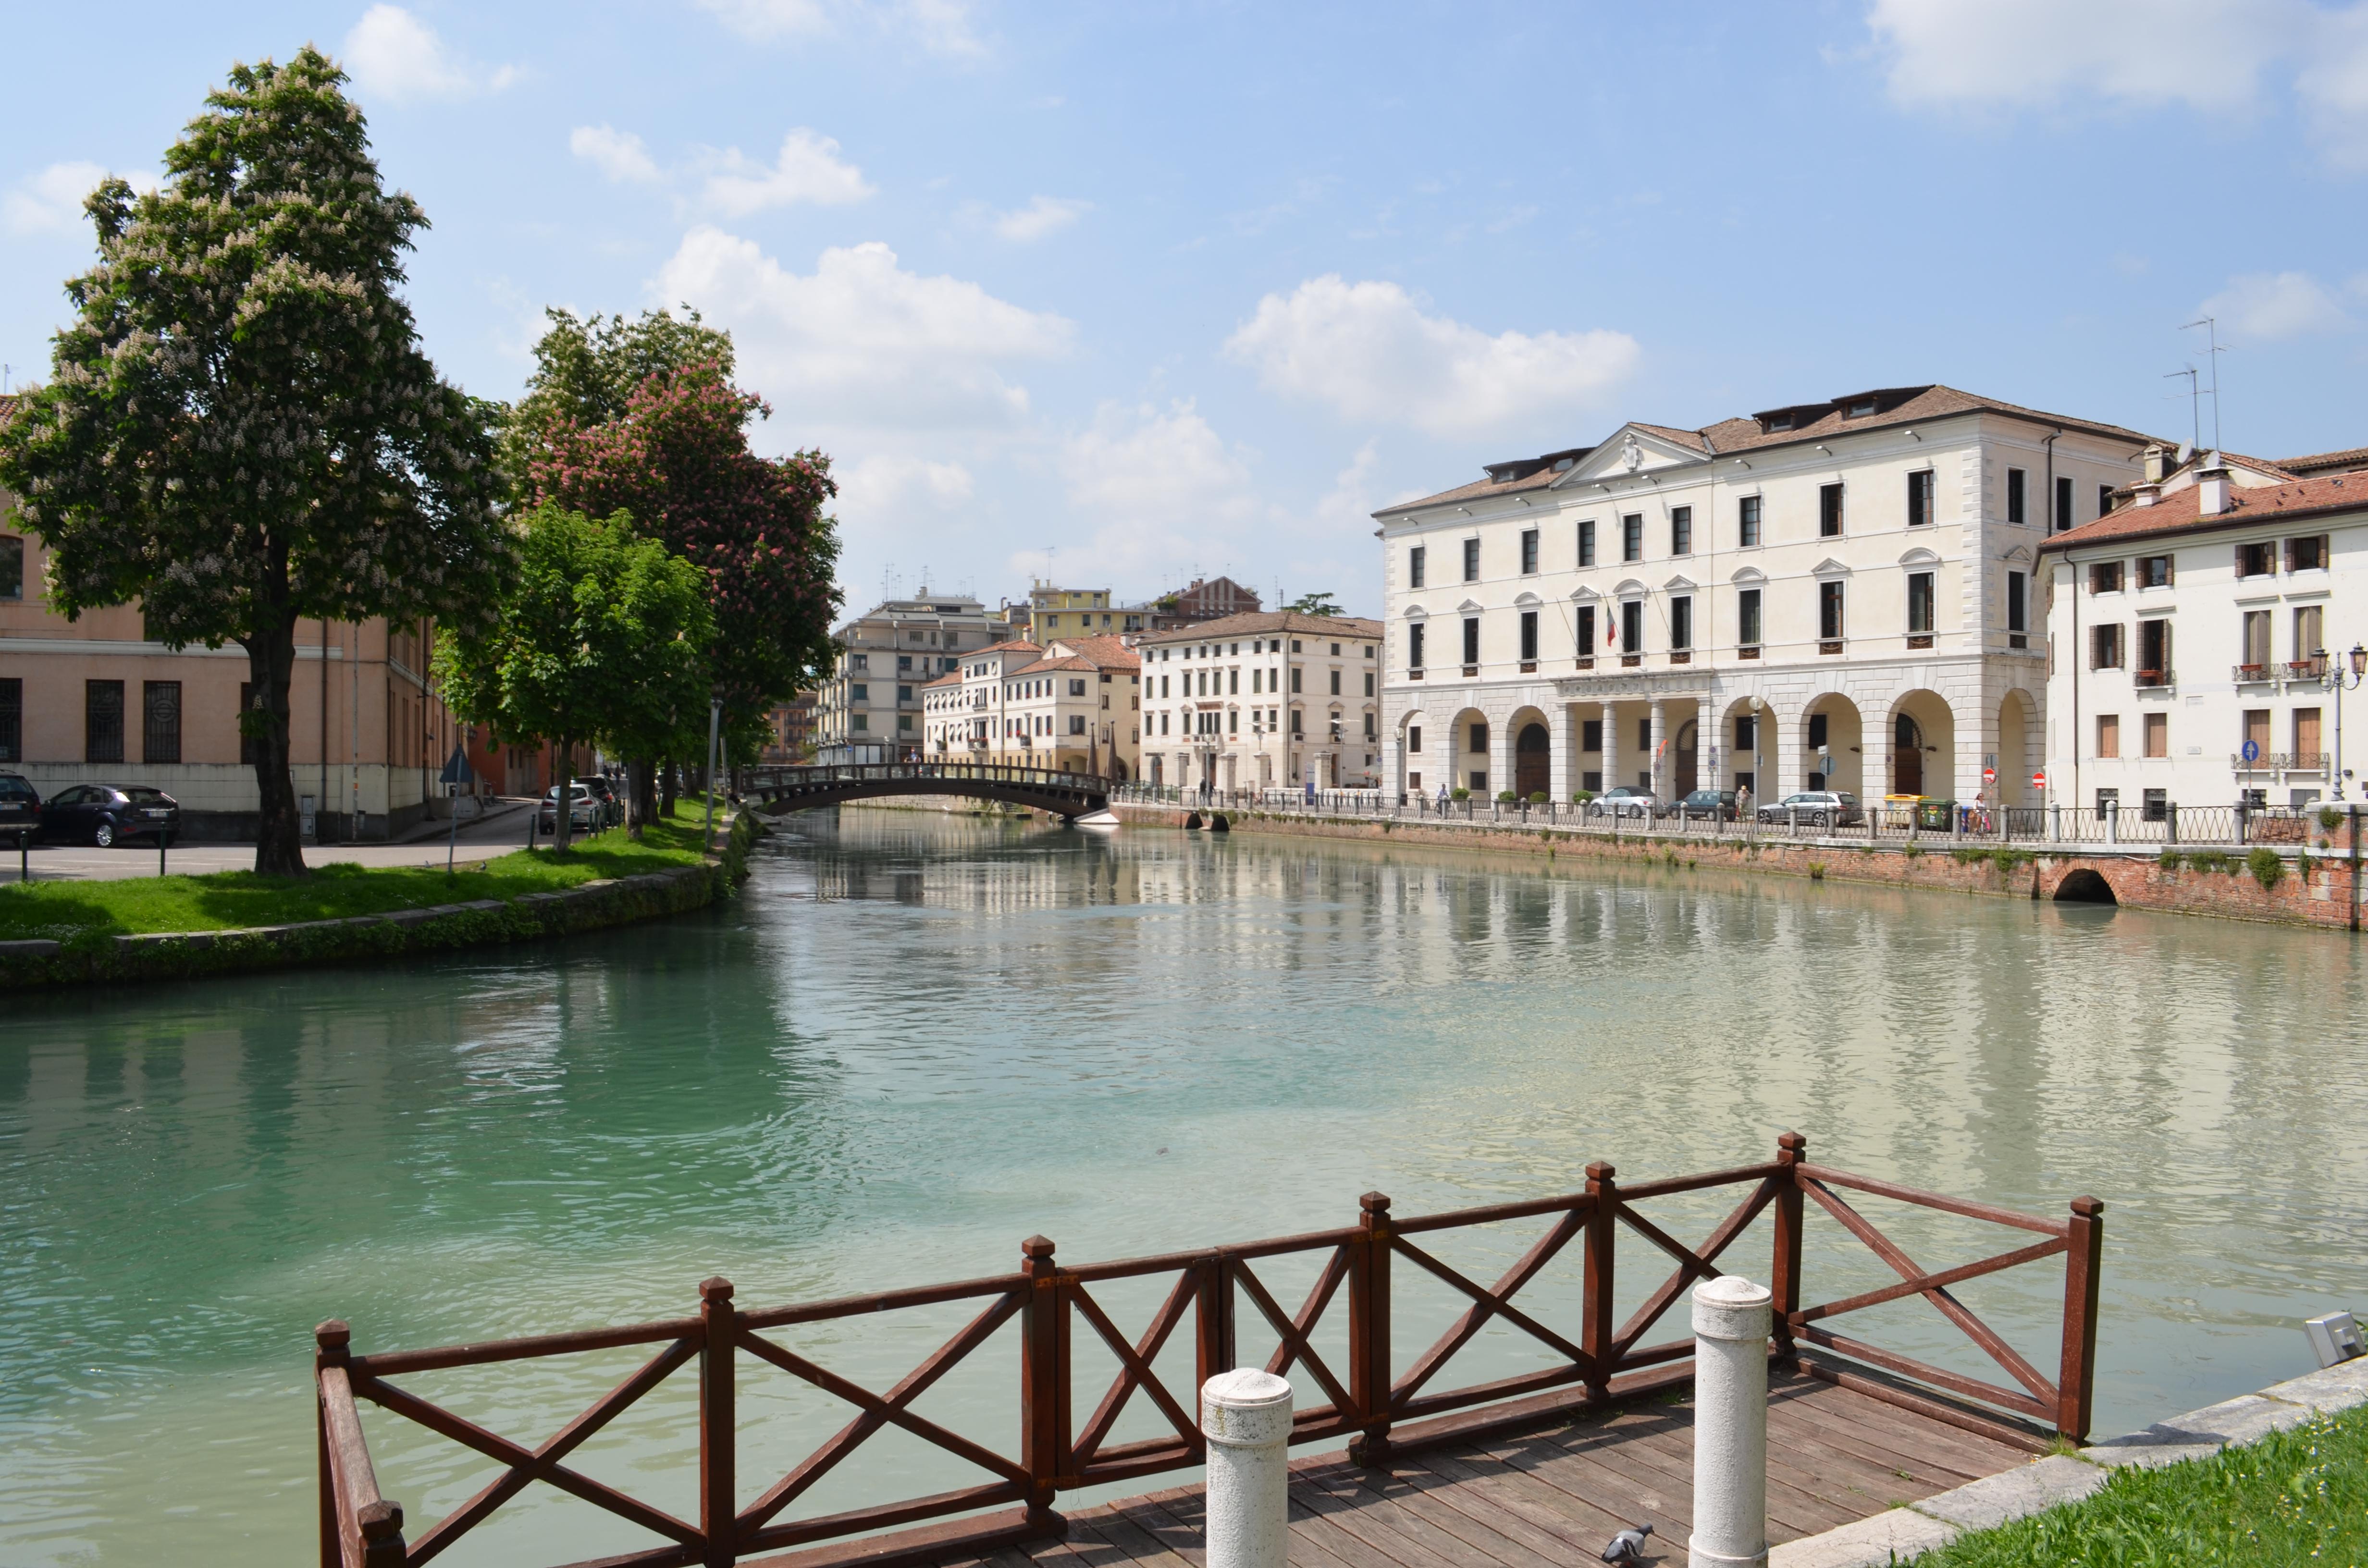 Scorcio della città di Treviso